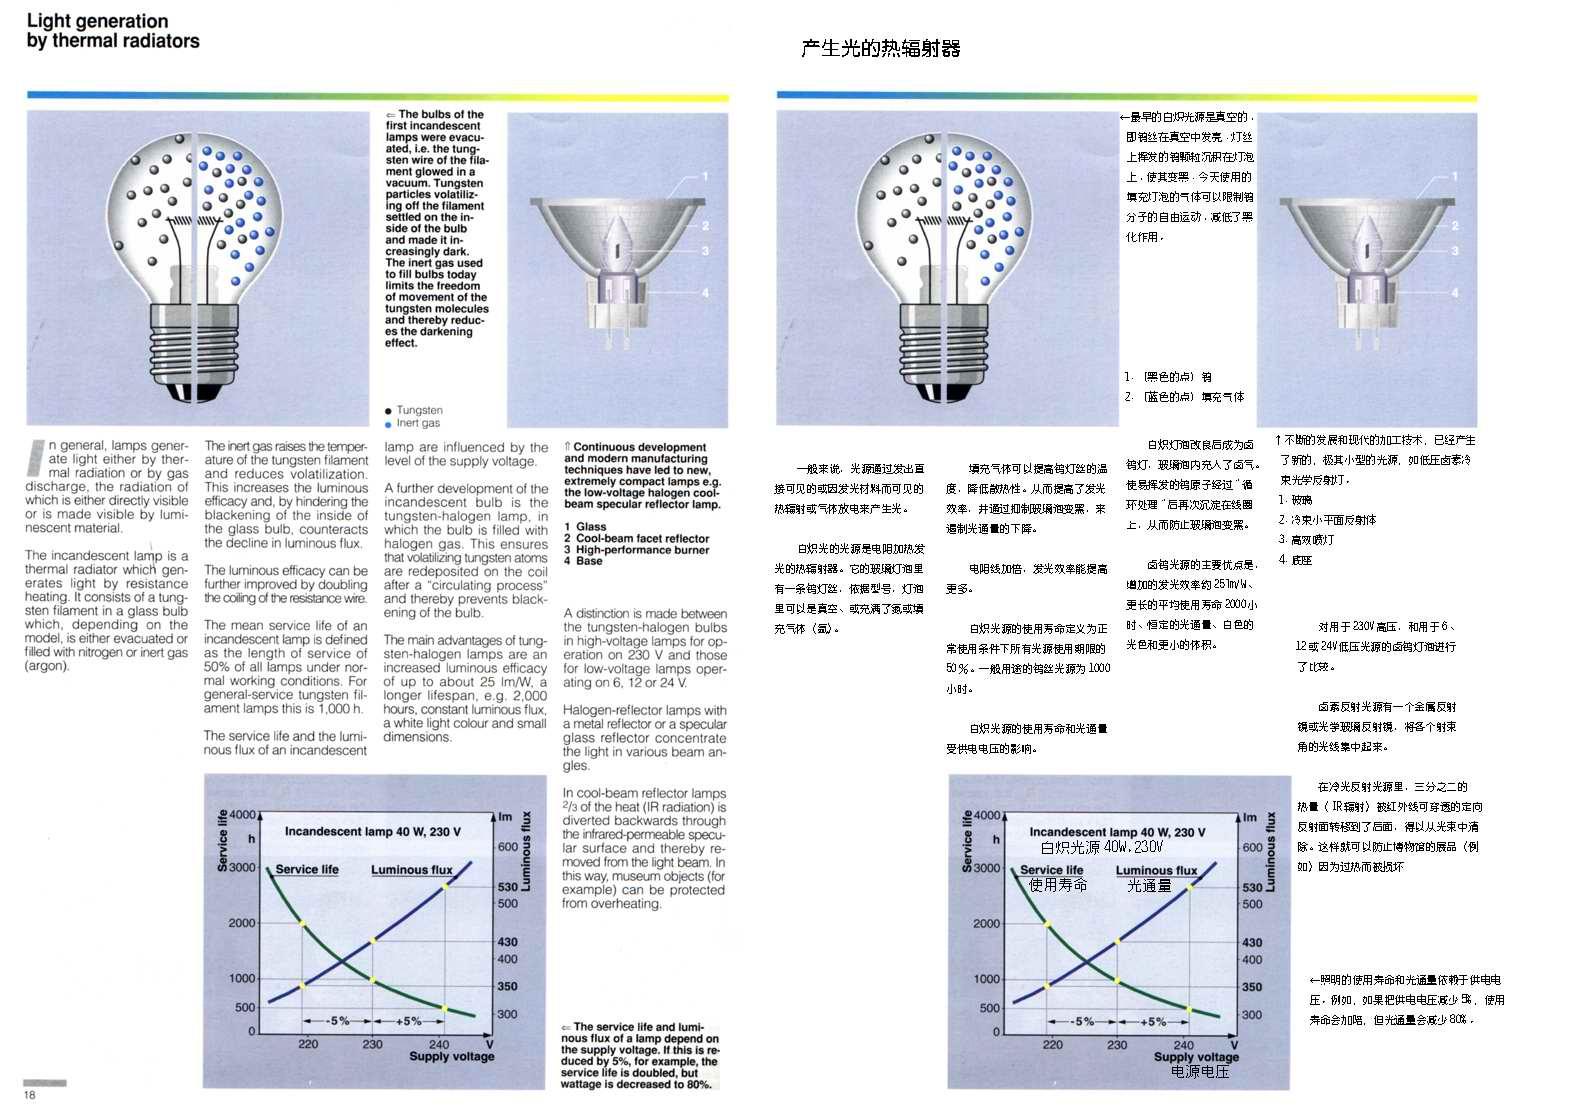 照明设计教程:人造光照明专业教程--(中英文对照版) (多图附:下载) - R站|学习使我快乐! - 10